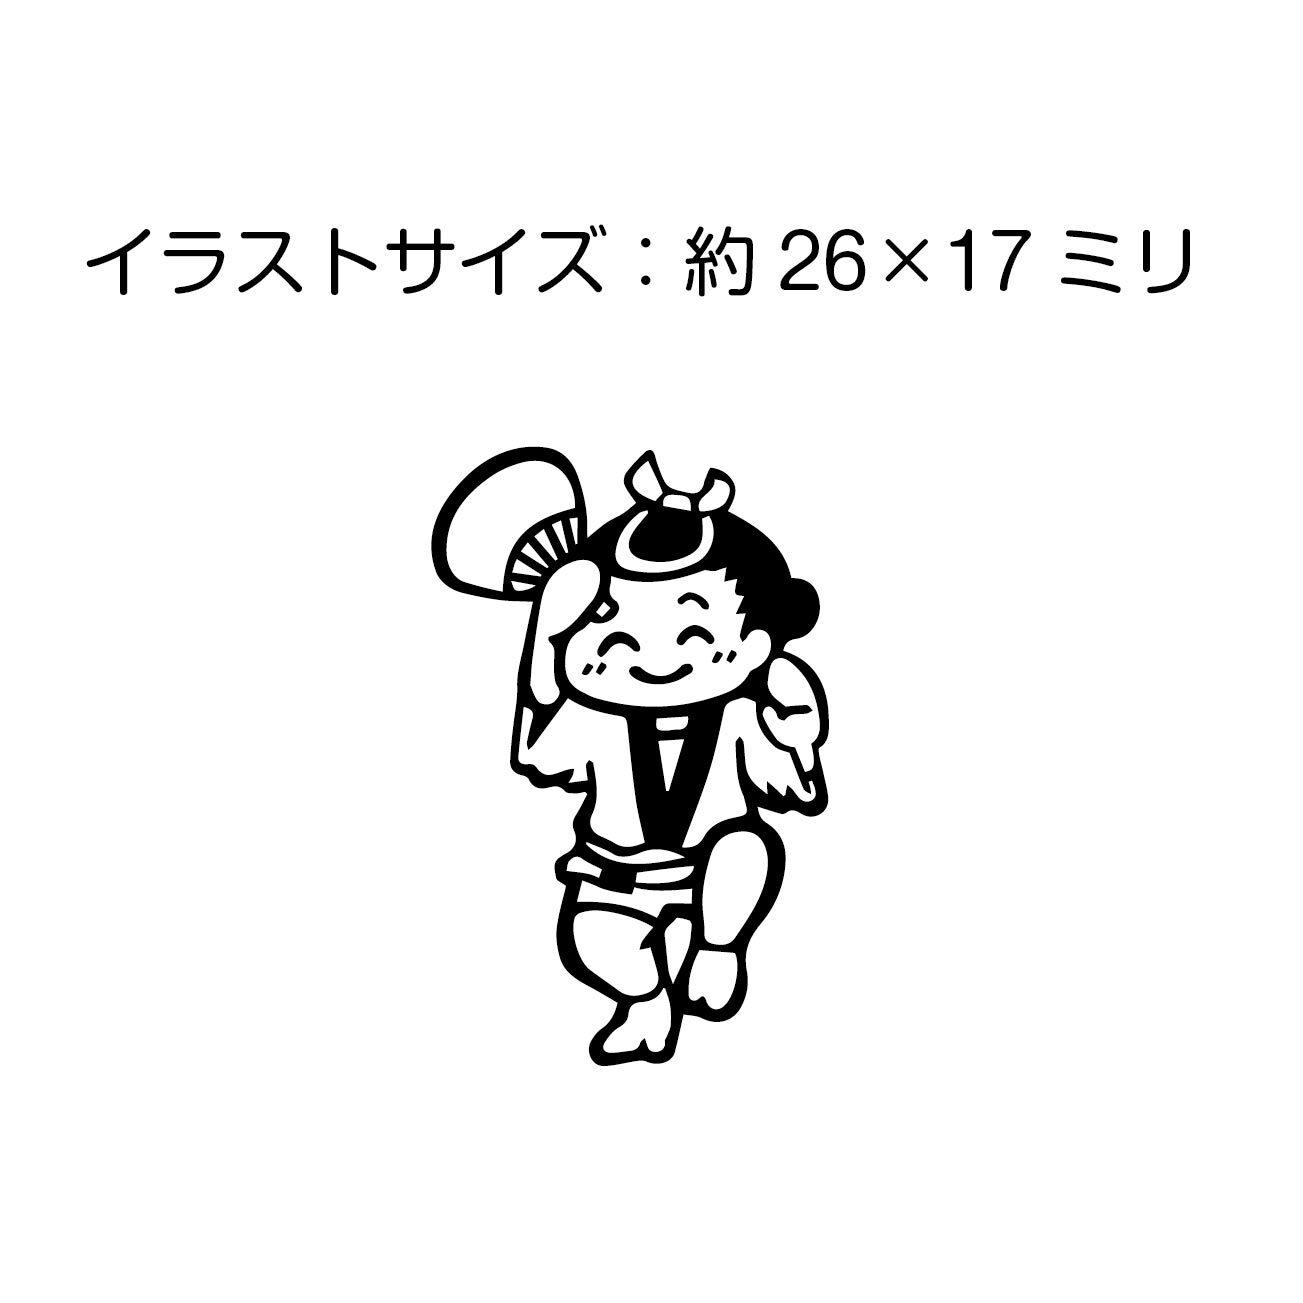 イラスト 阿波 踊り